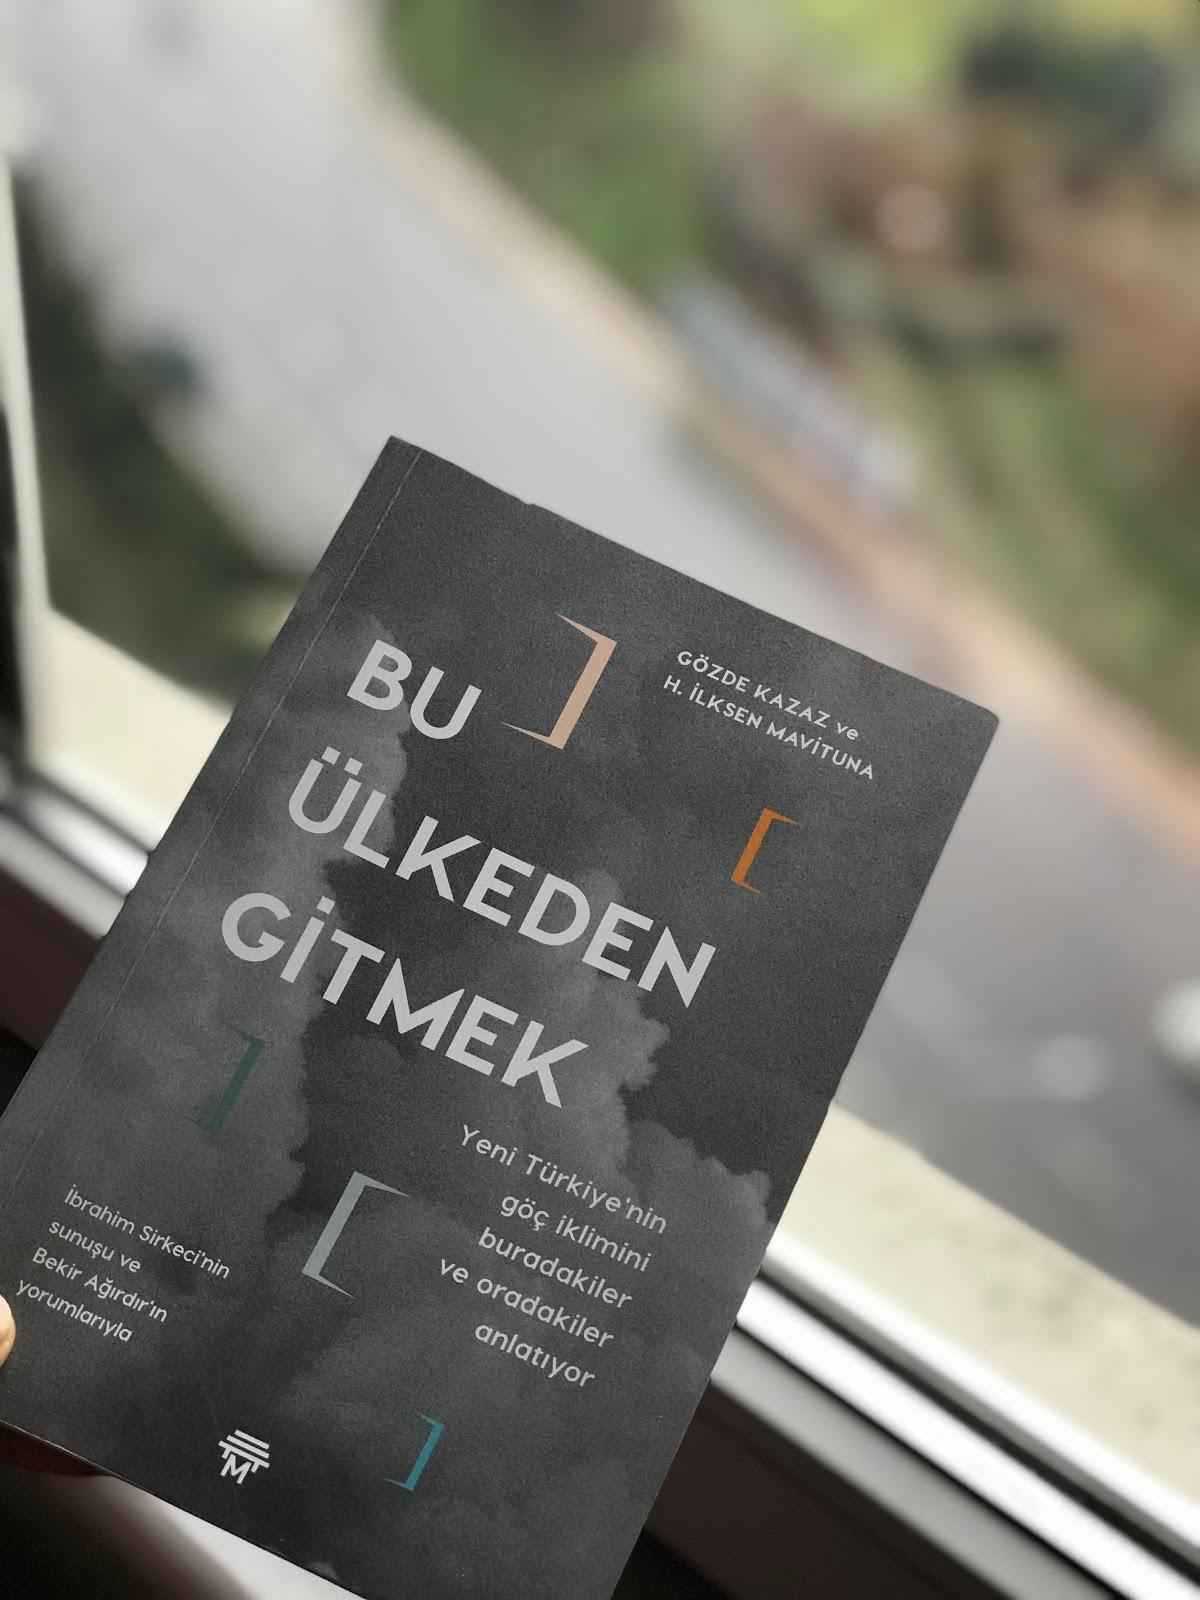 Bu Ulkeden Gitmek - Yeni Turkiye'nin Goc Iklimini Buradakiler ve Oradakiler Anlatiyor (Kitap)